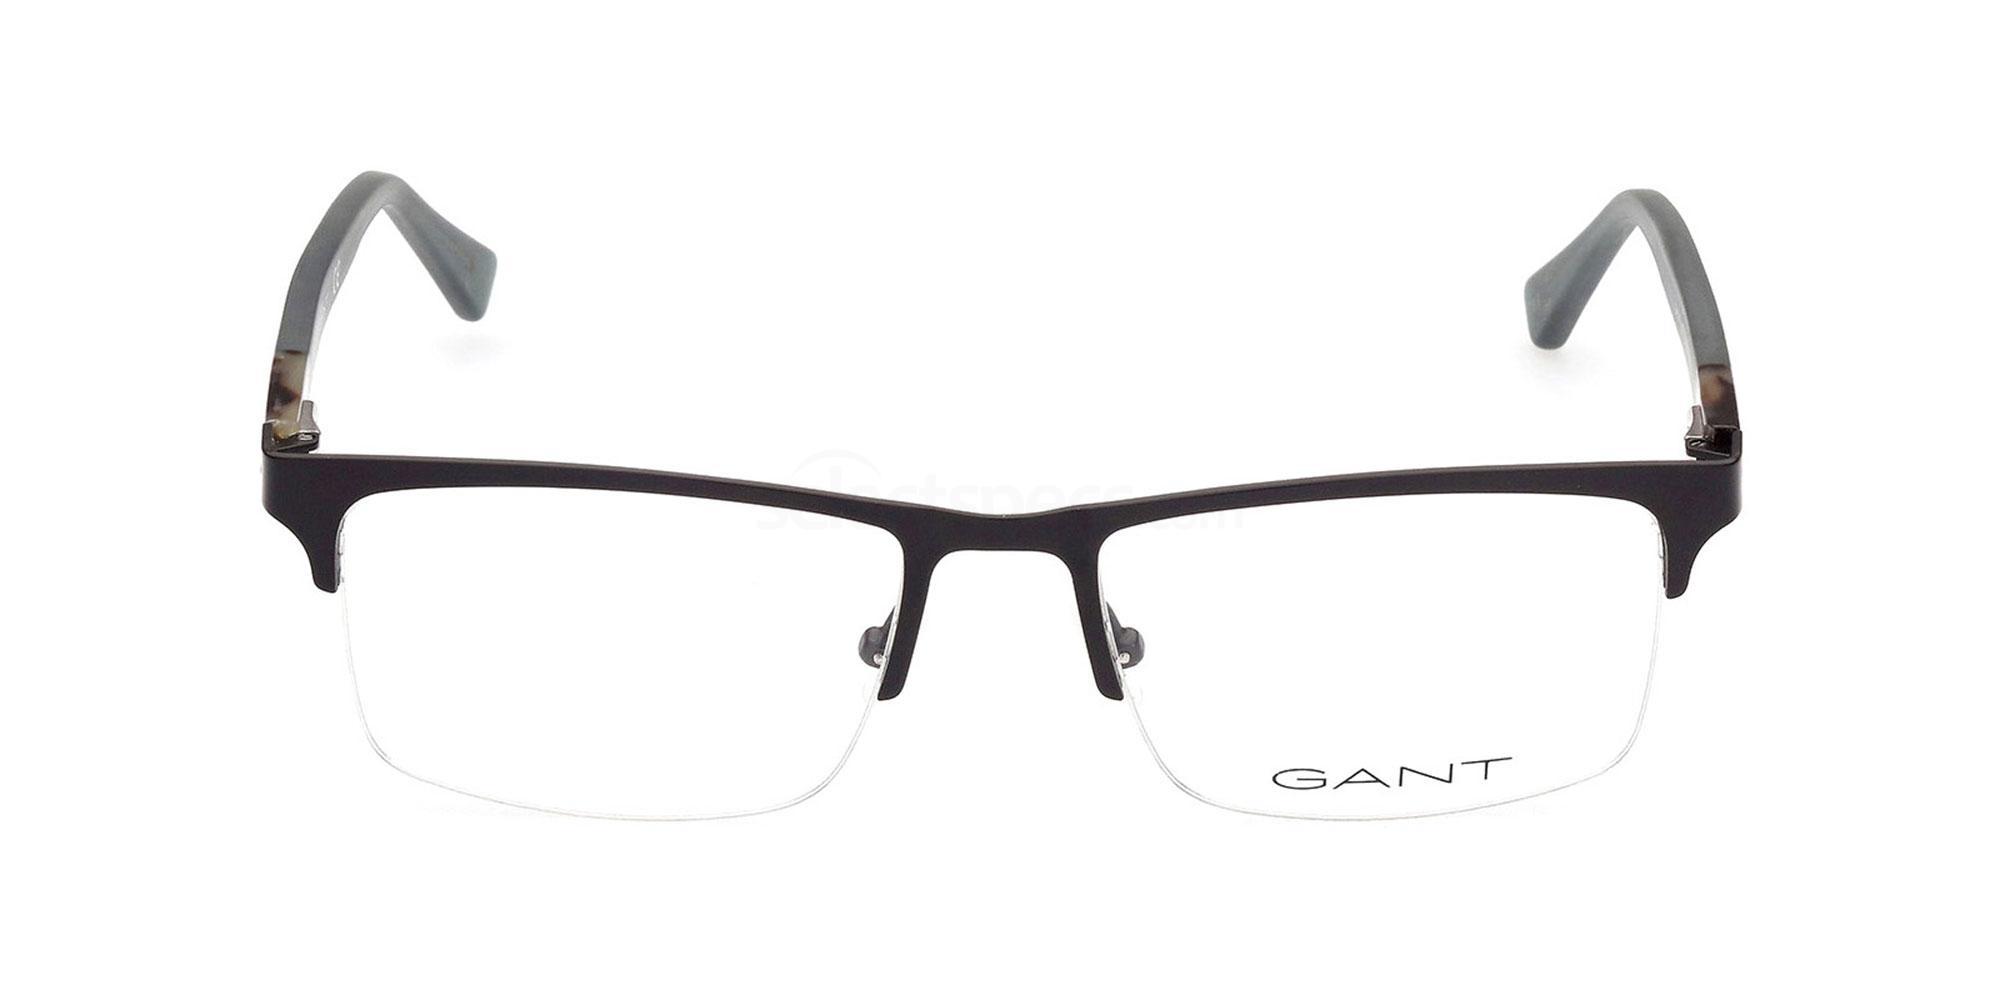 002 GA3210 Glasses, Gant